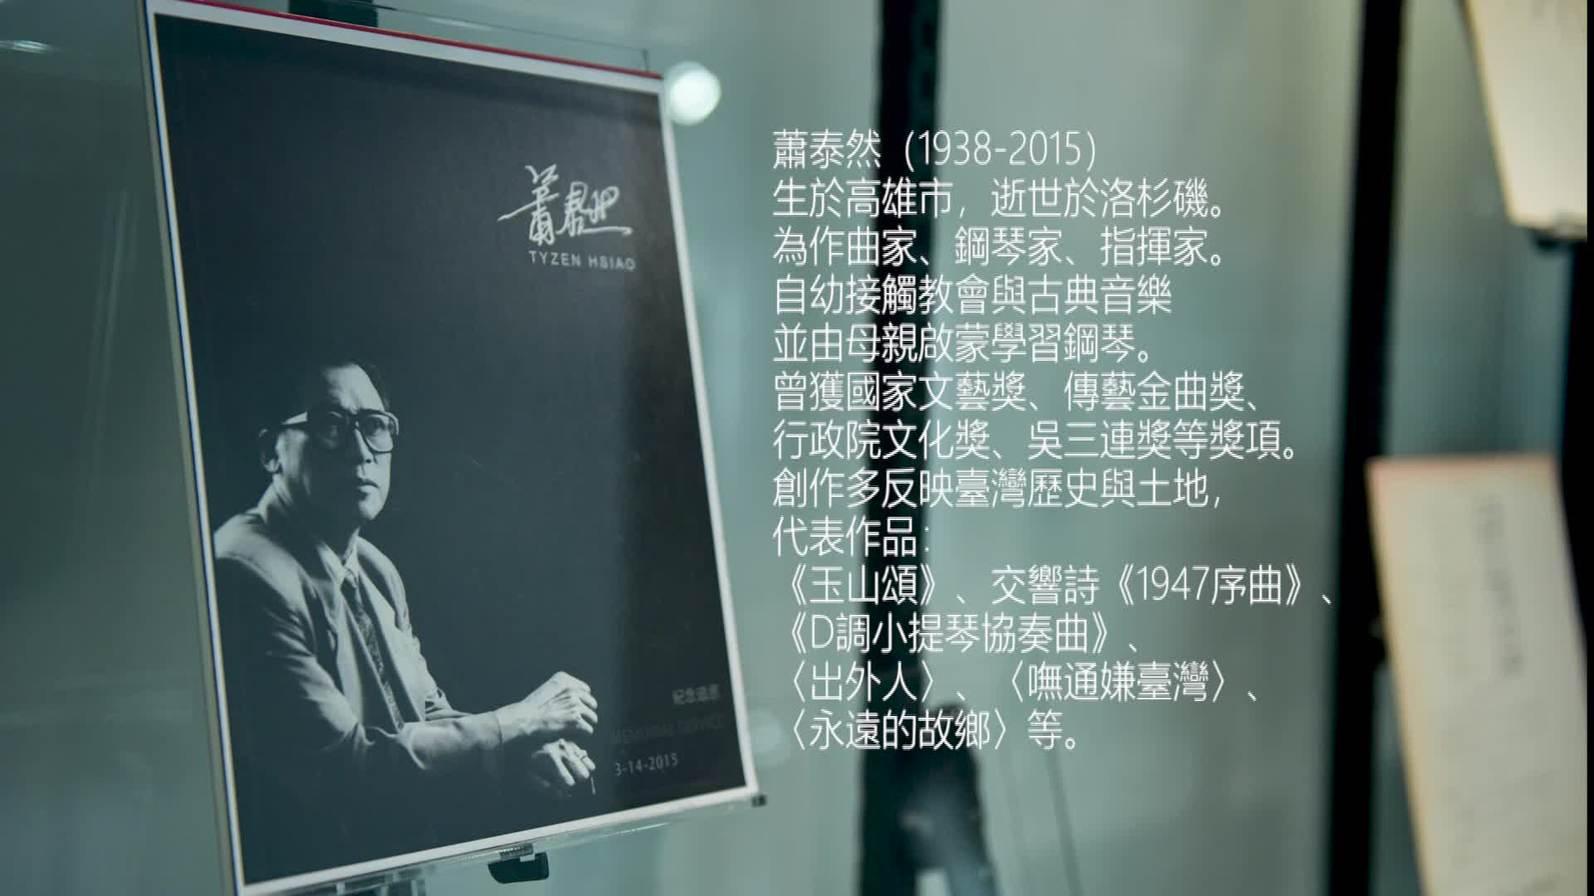 遊子心故鄉情 蕭泰然逝世五周年家屬追憶|國立傳統藝術中心